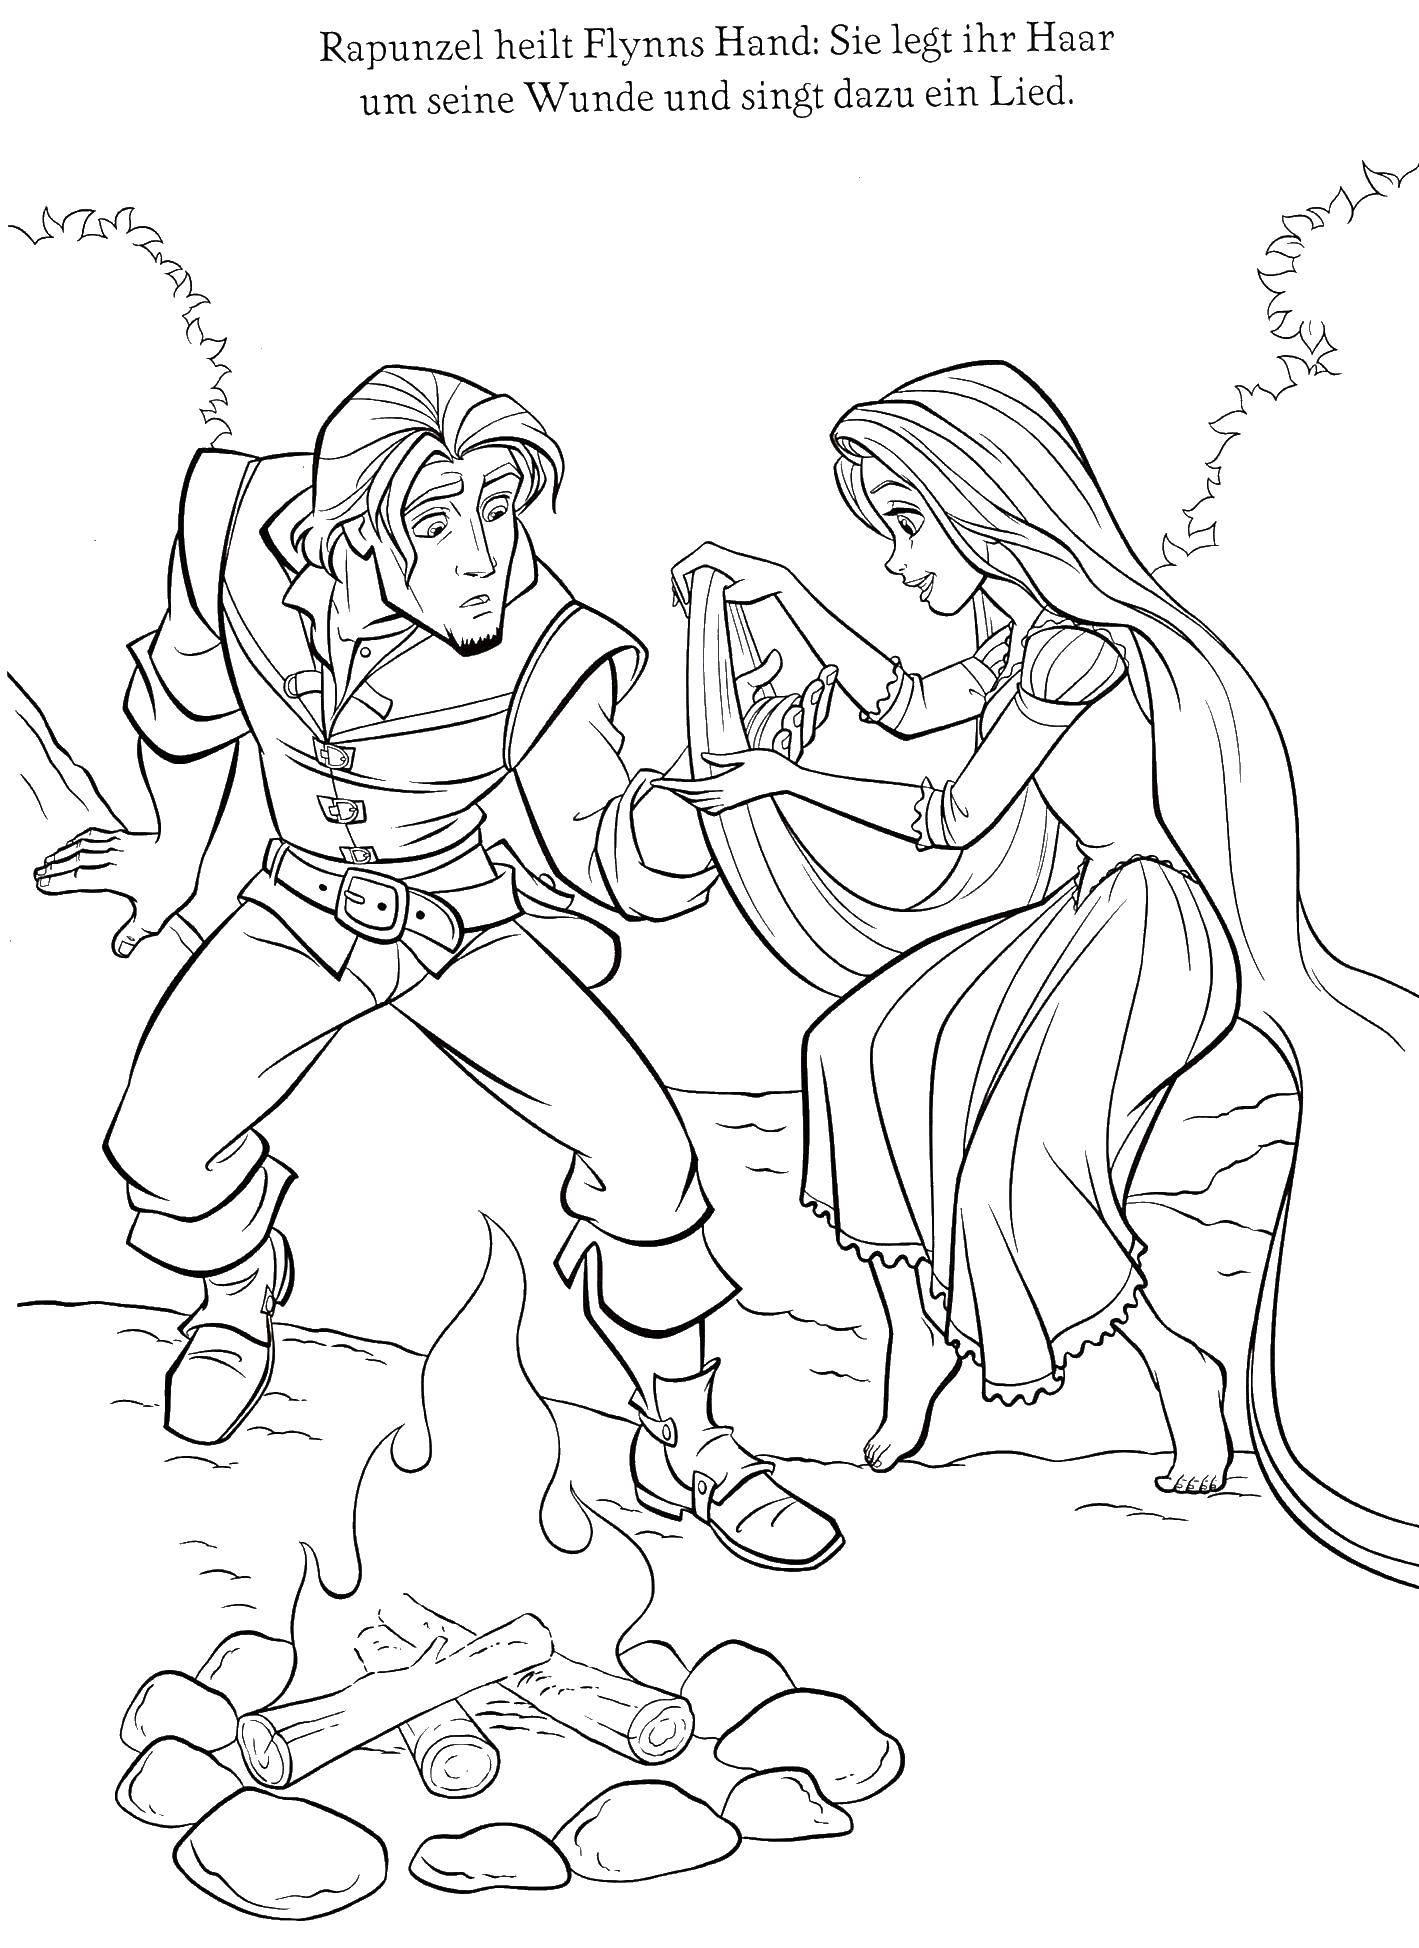 Название: Раскраска Рапунцель и флинн. Категория: Персонажи из сказок. Теги: рапунцель, флинн, костер.